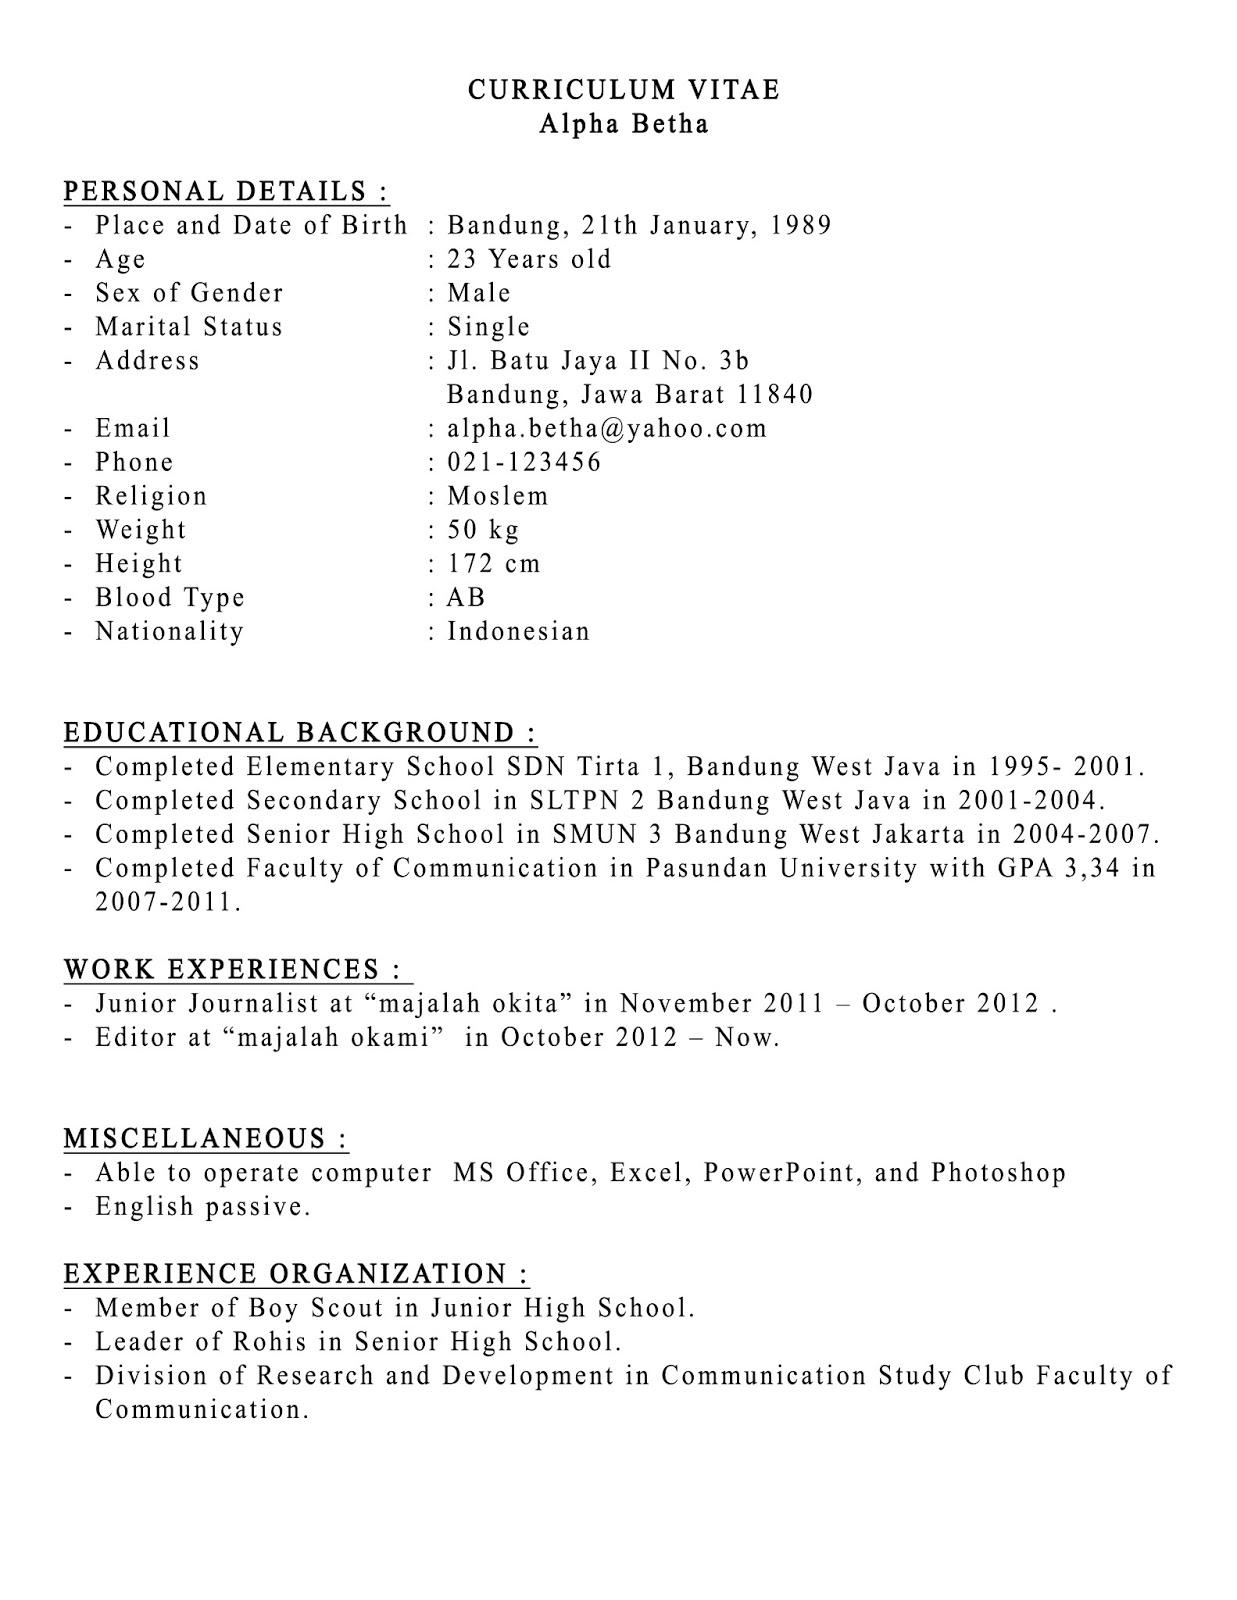 ulancils curriculum vitae b indonesia